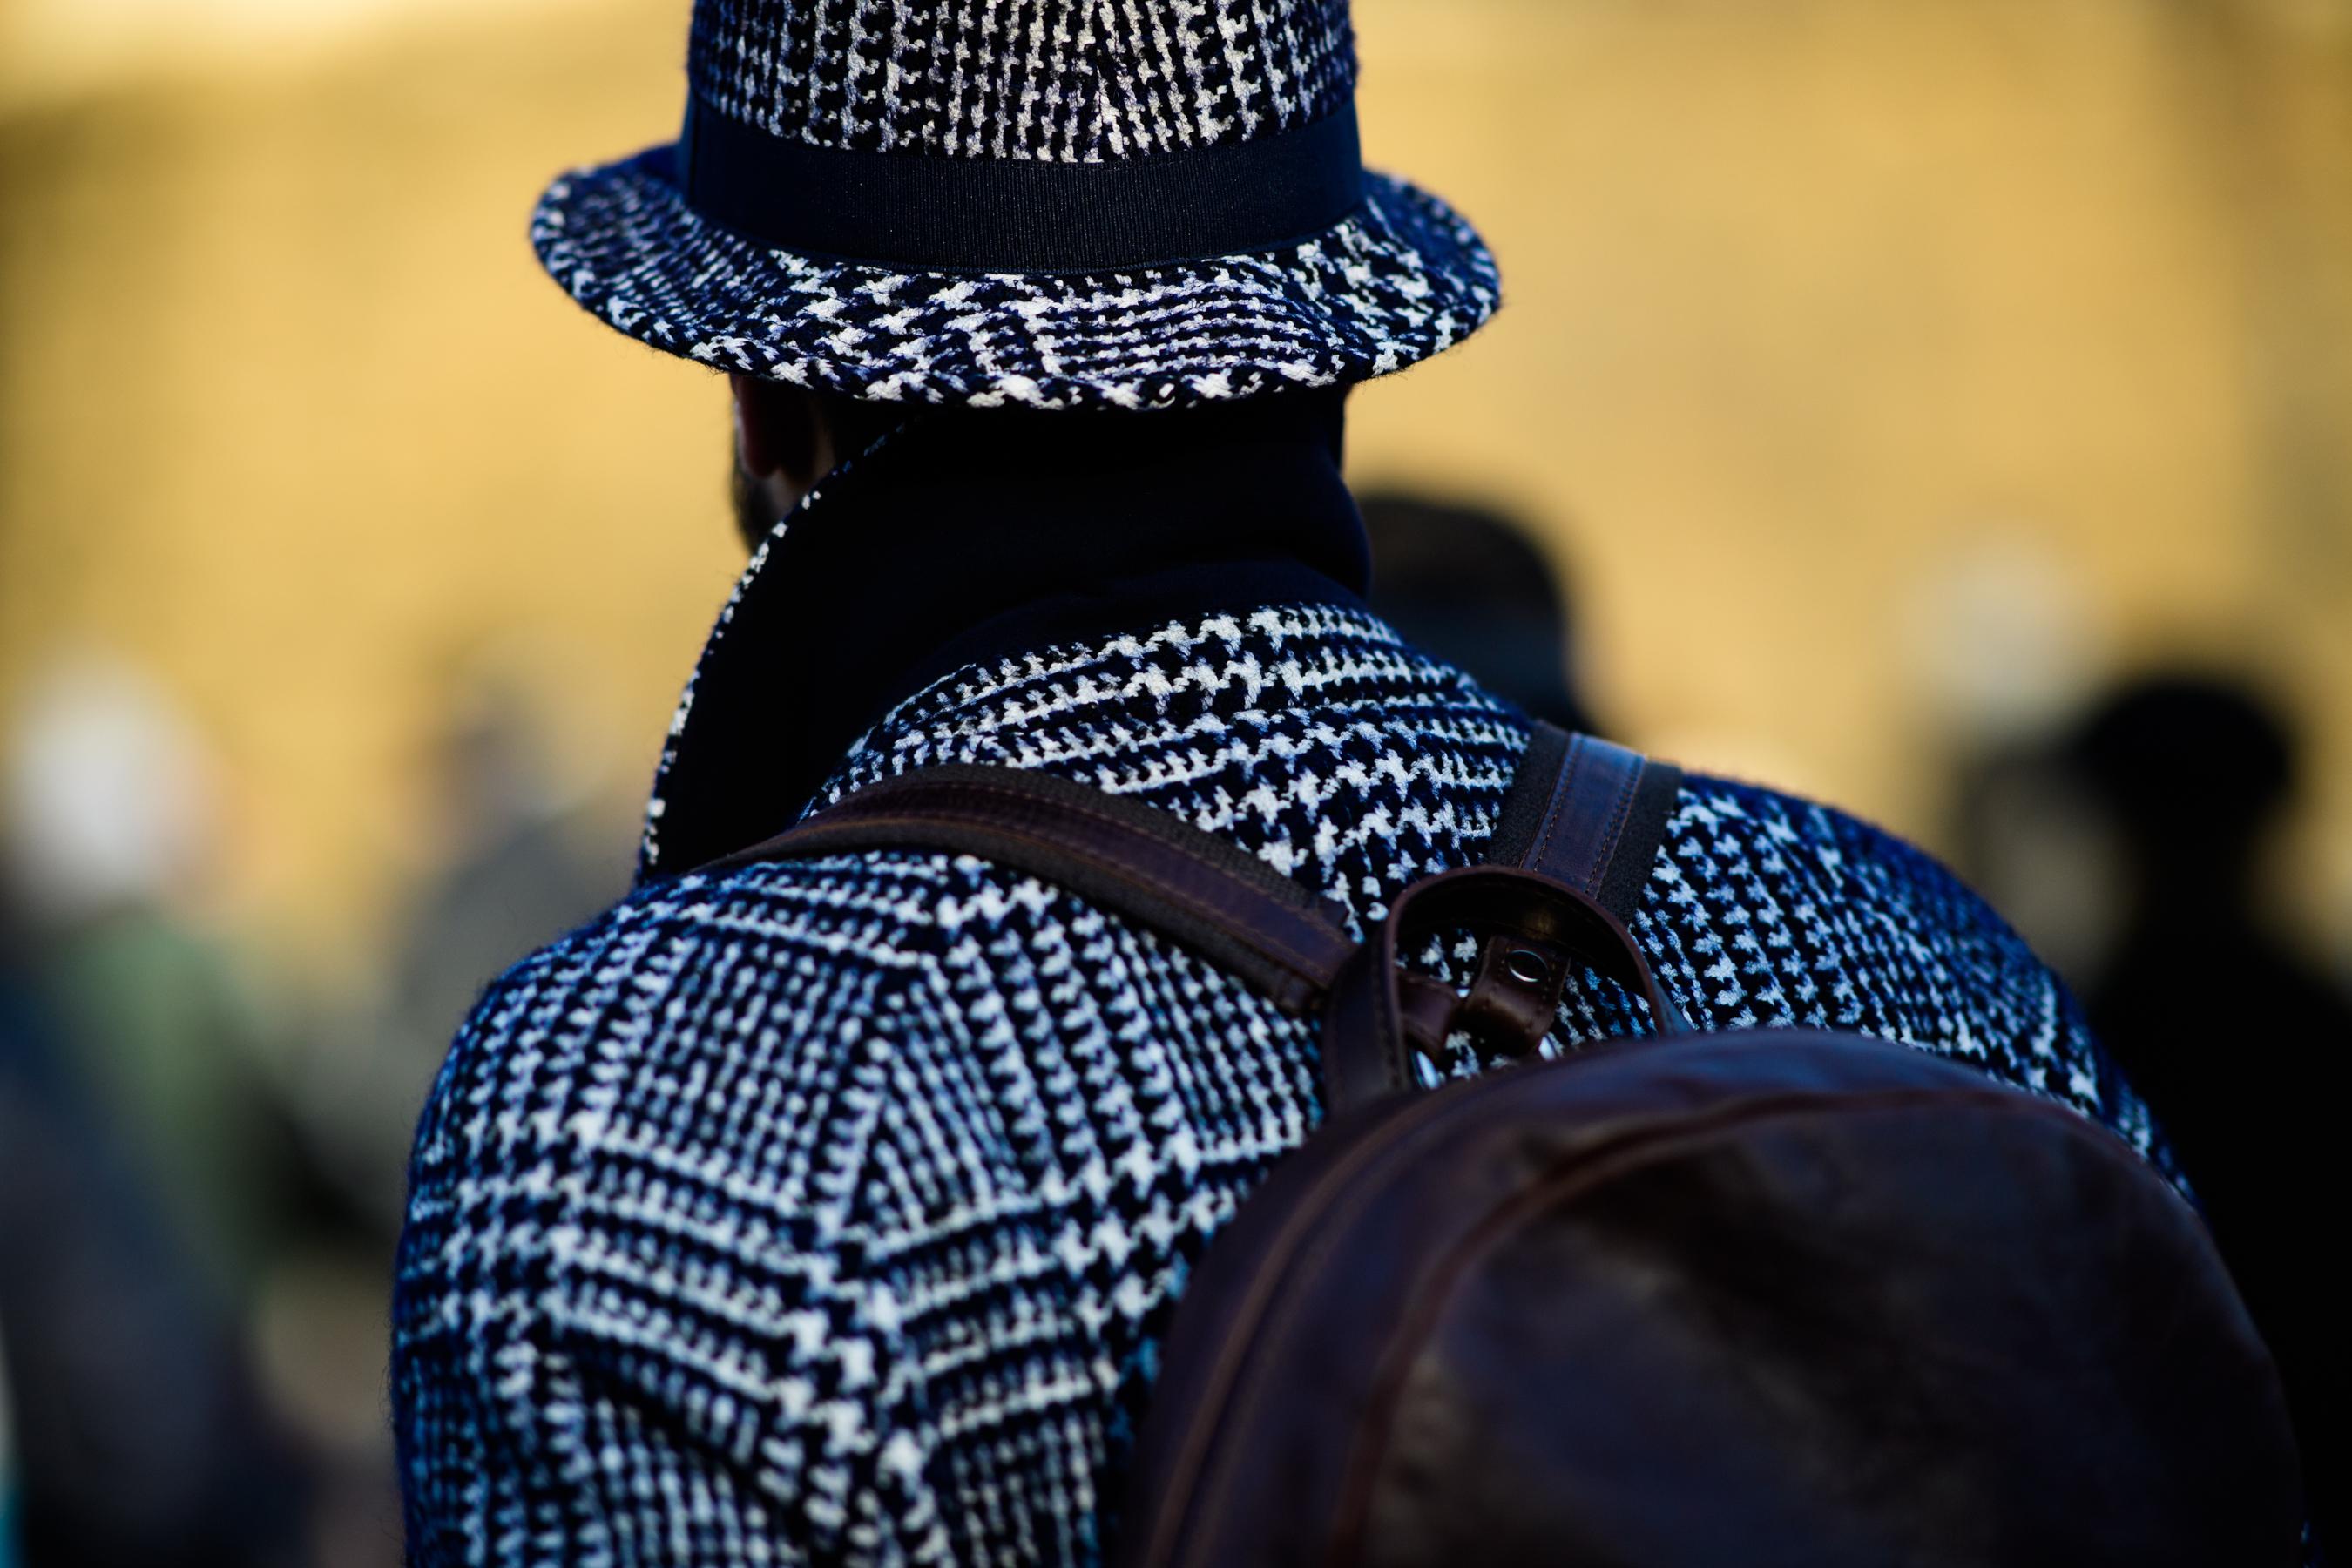 Pitti Uomo 91, street style, estilo de rua, florença, feira de moda, moda masculina, blog de moda masculina, alex cursino, menswear, dicas de moda, como ser estiloso, (9)